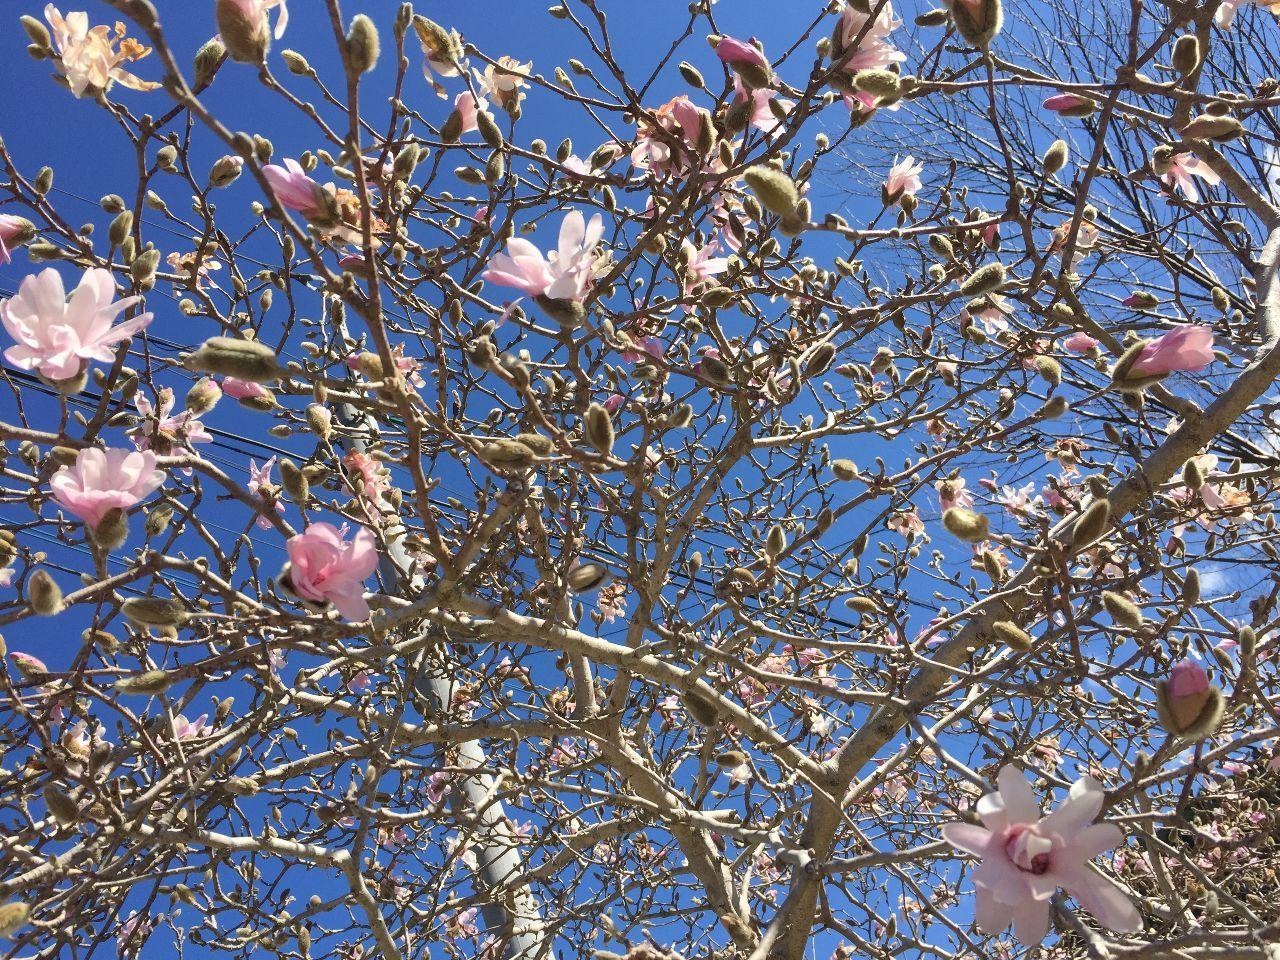 プラント・オパール・・・アクト3 尚ちゃんに感謝ゃー! 今日撮れたてのお花ぁーっ、、!